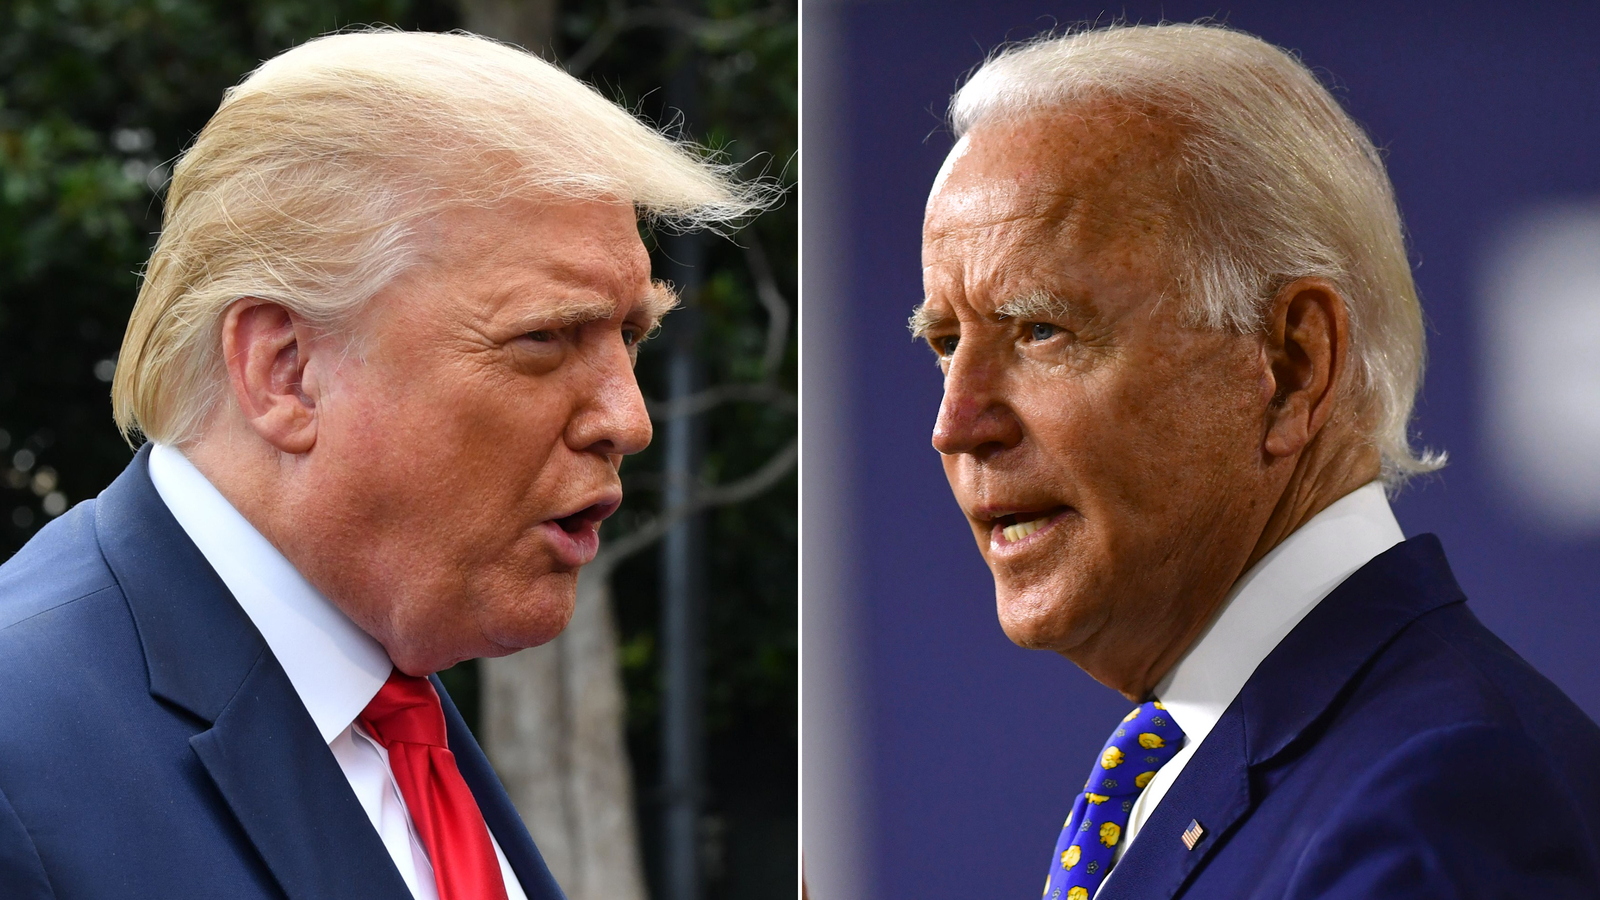 New polls suggest slim Biden lead in crucial battleground of Wisconsin